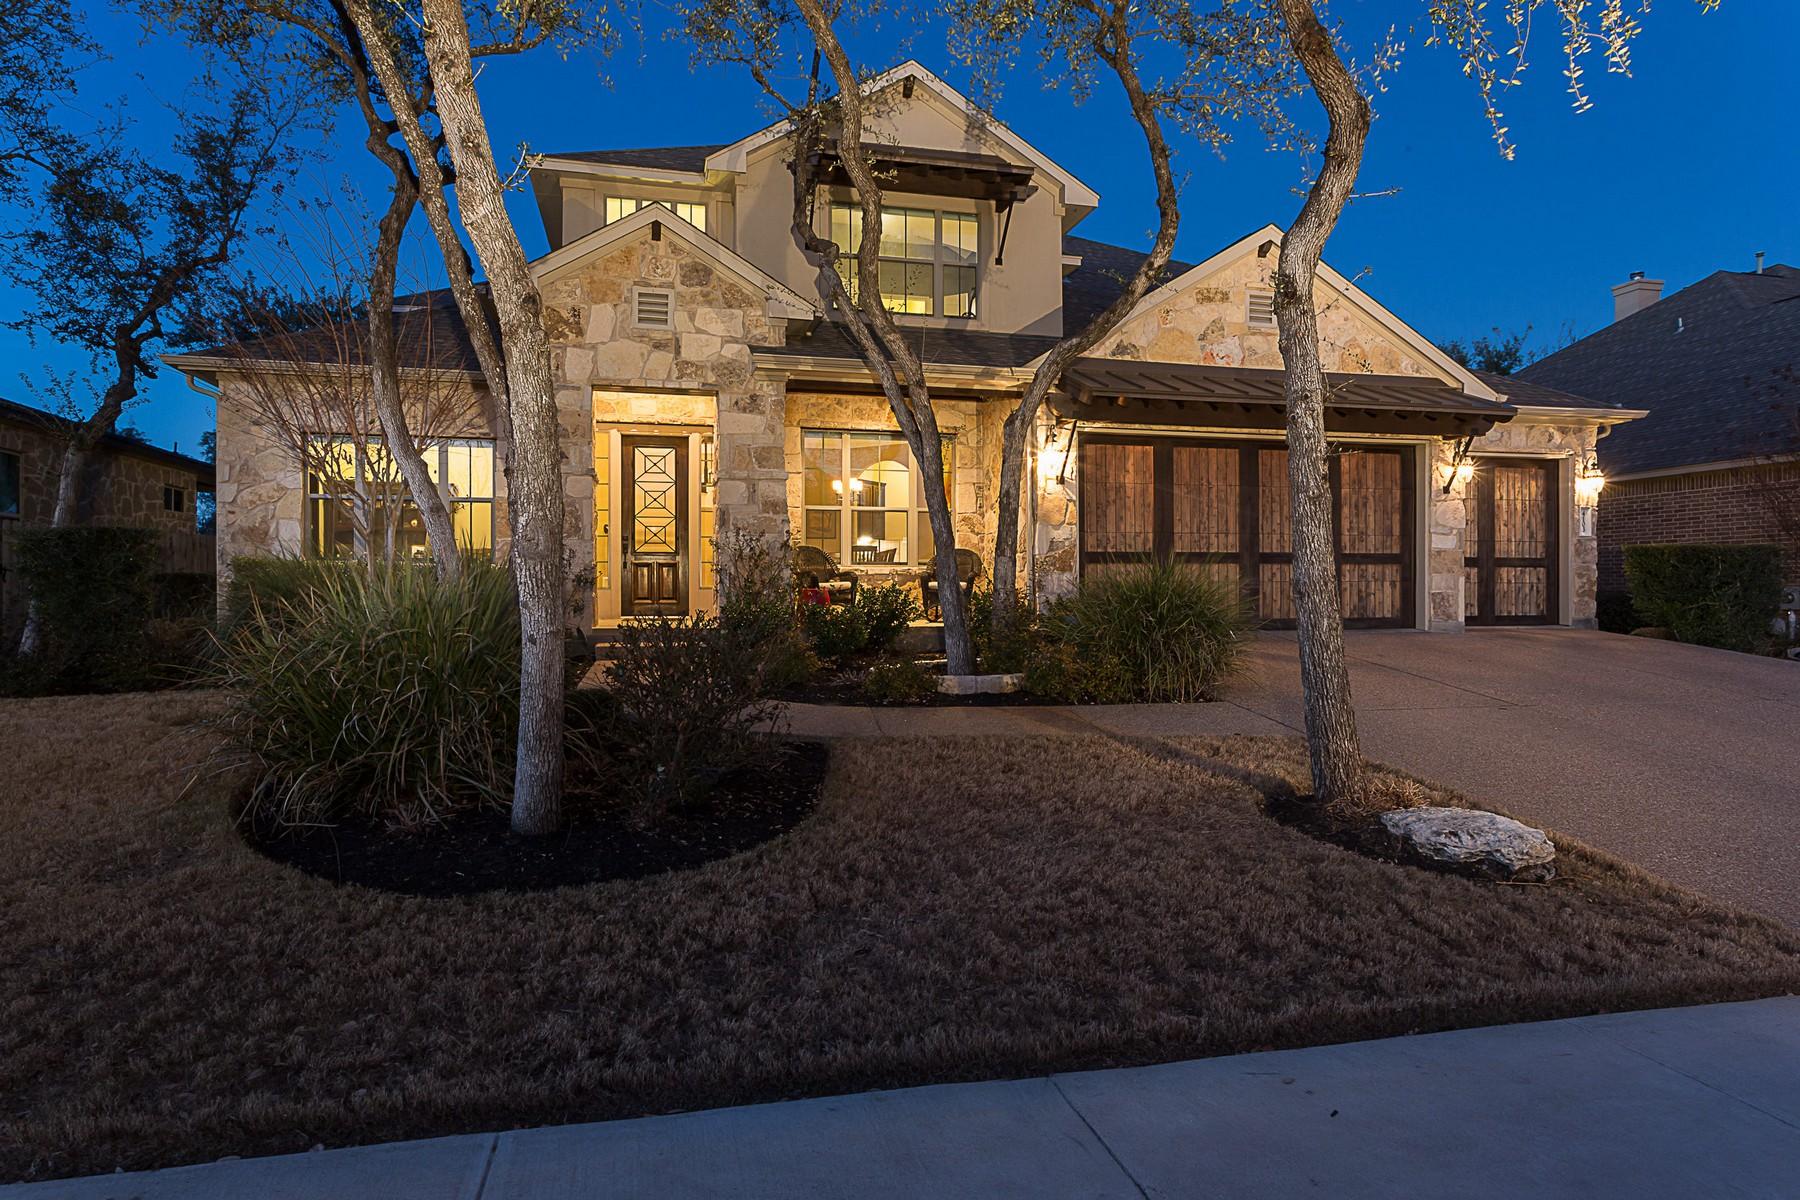 Casa Unifamiliar por un Venta en Luxury living in The Ranch at Brushy Creek! 4103 Arrow Wood Rd Cedar Park, Texas 78613 Estados Unidos